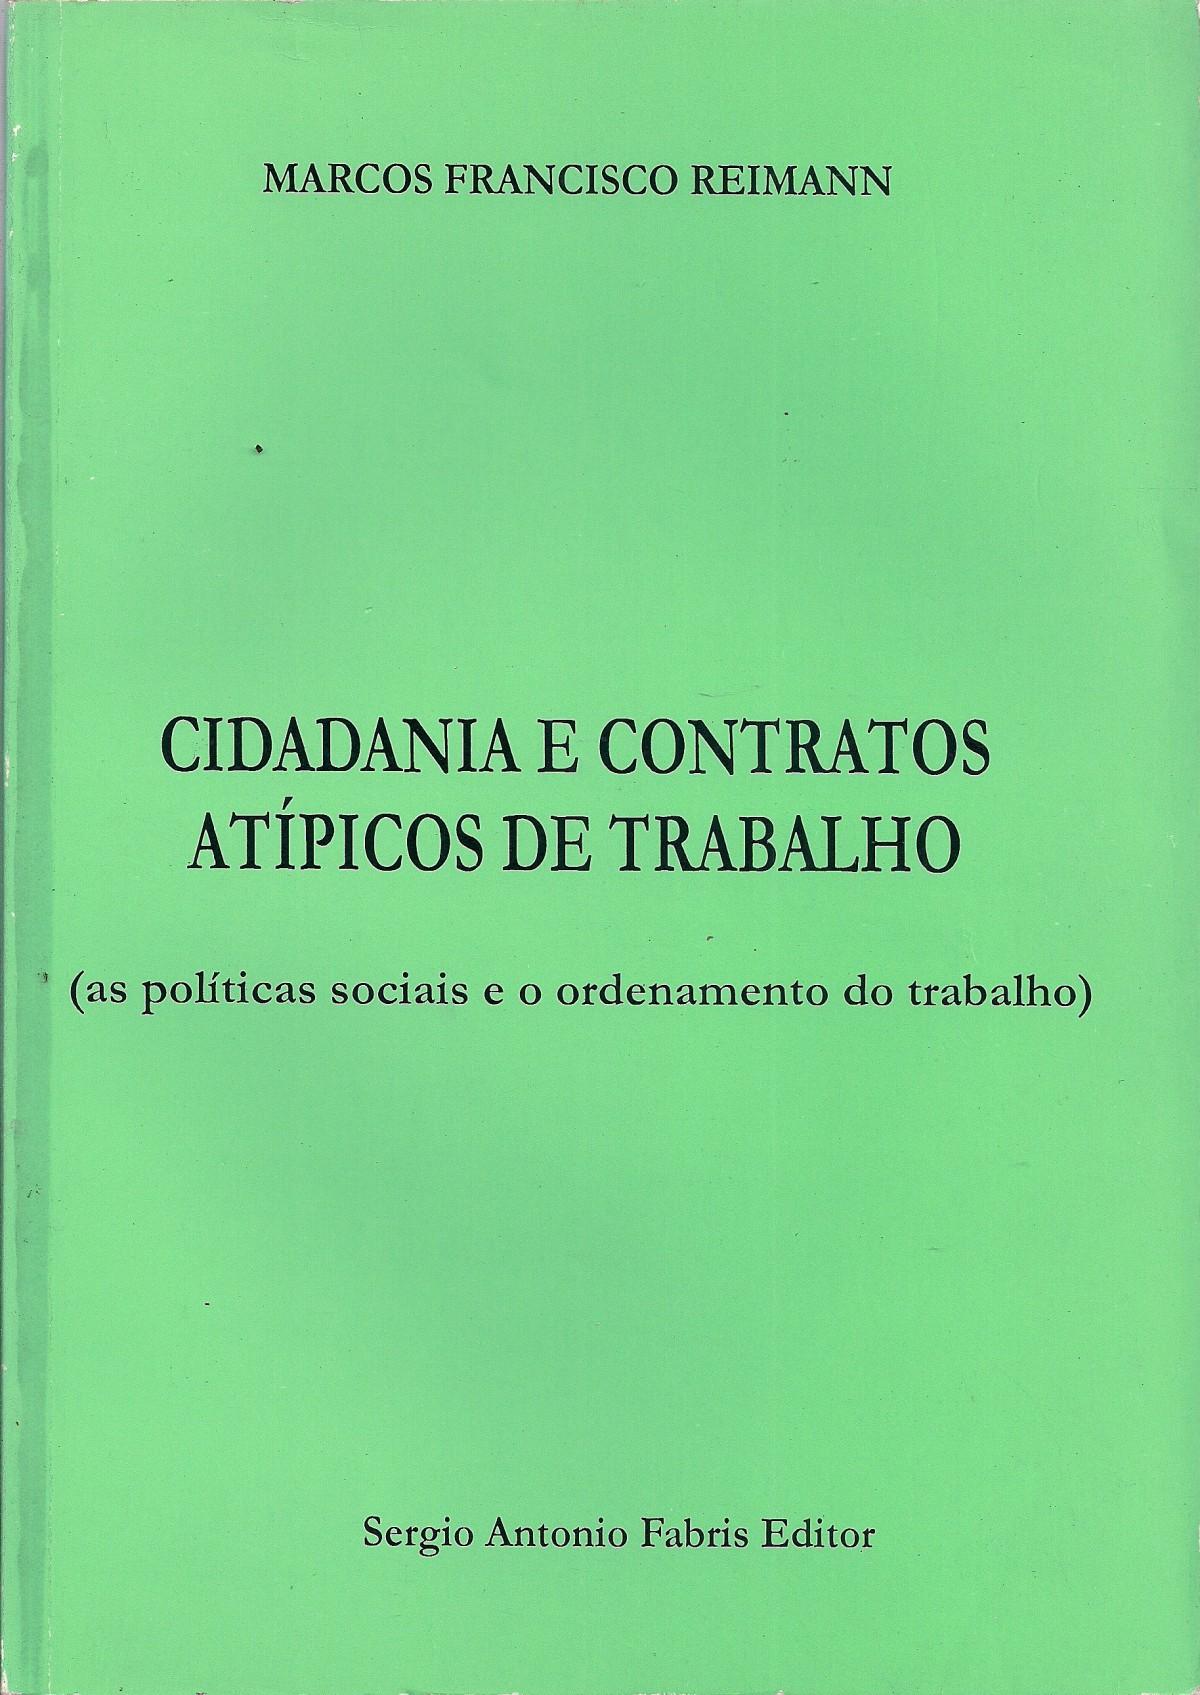 Foto 1 - Cidadania e Contratos Atípicos de Trabalho